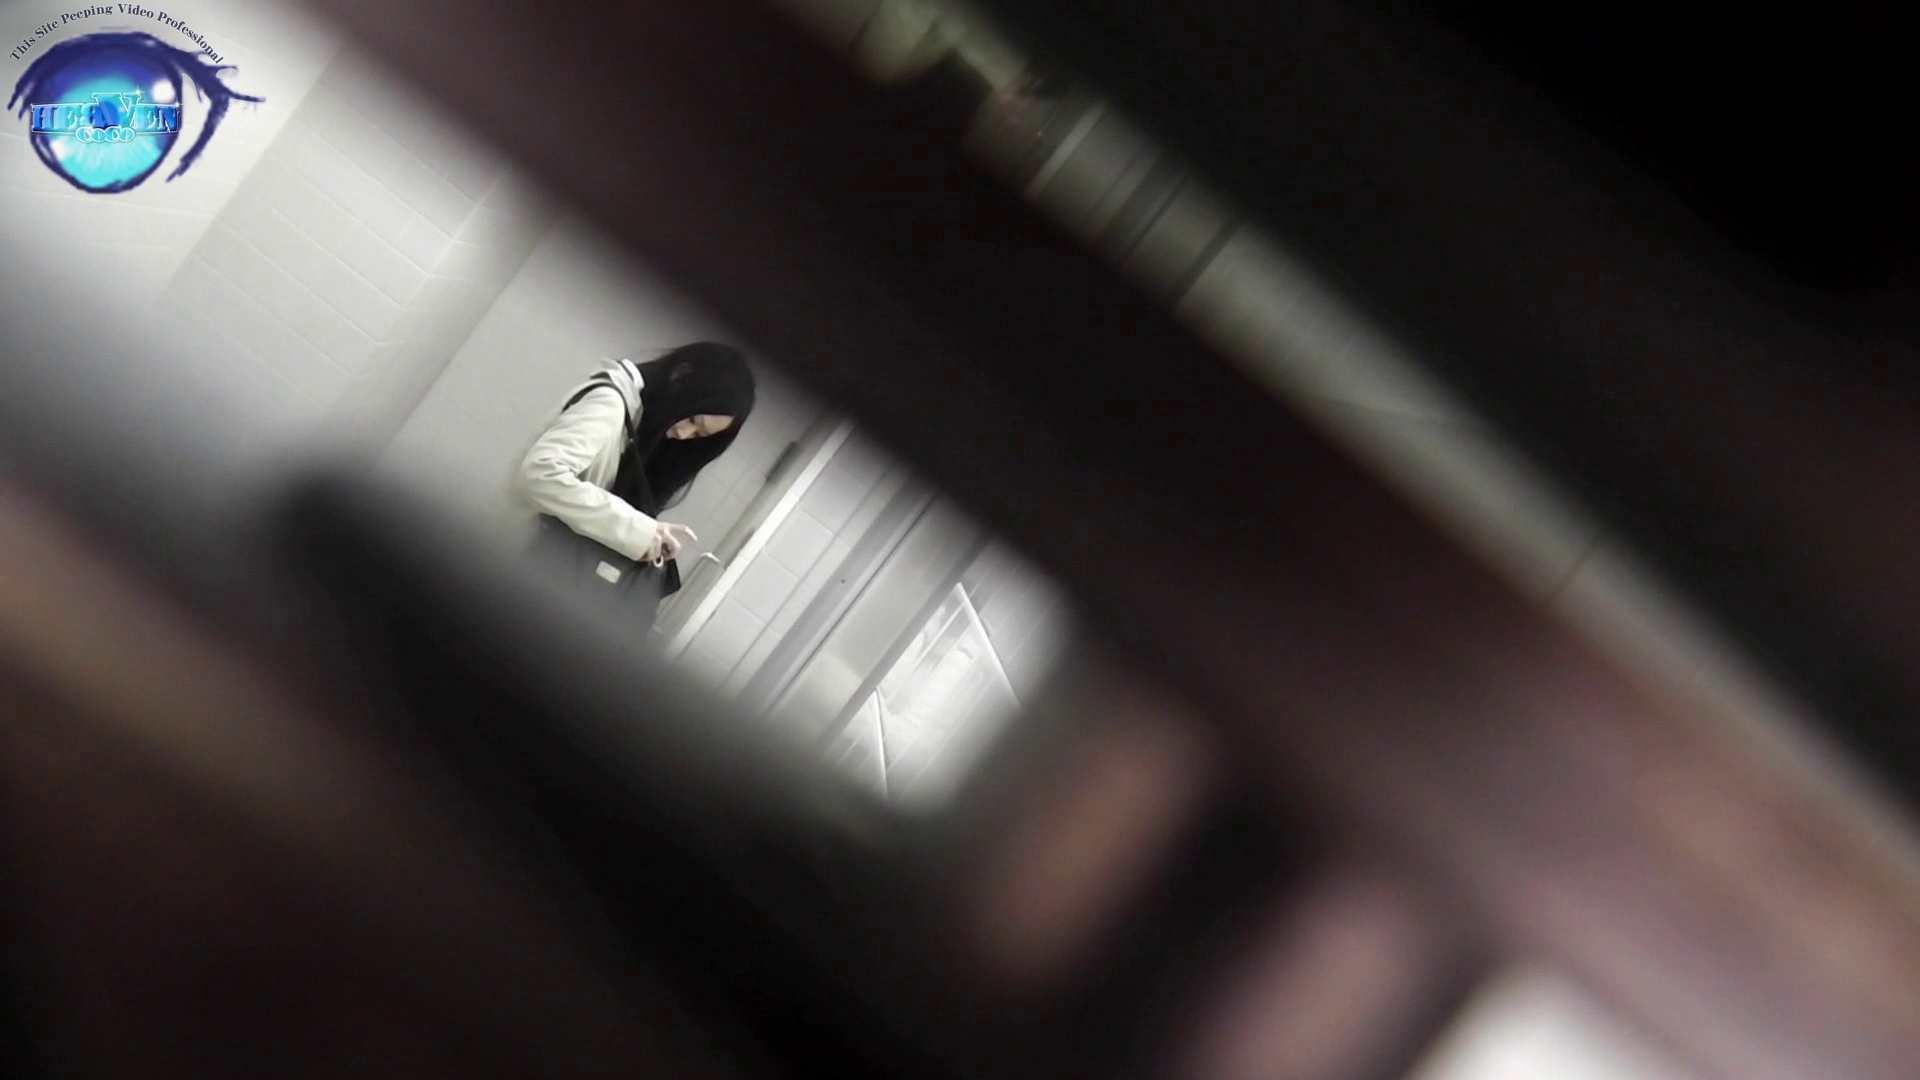 お銀さん vol.59 ピンチ!!「鏡の前で祈る女性」にばれる危機 前編 美人  108連発 50